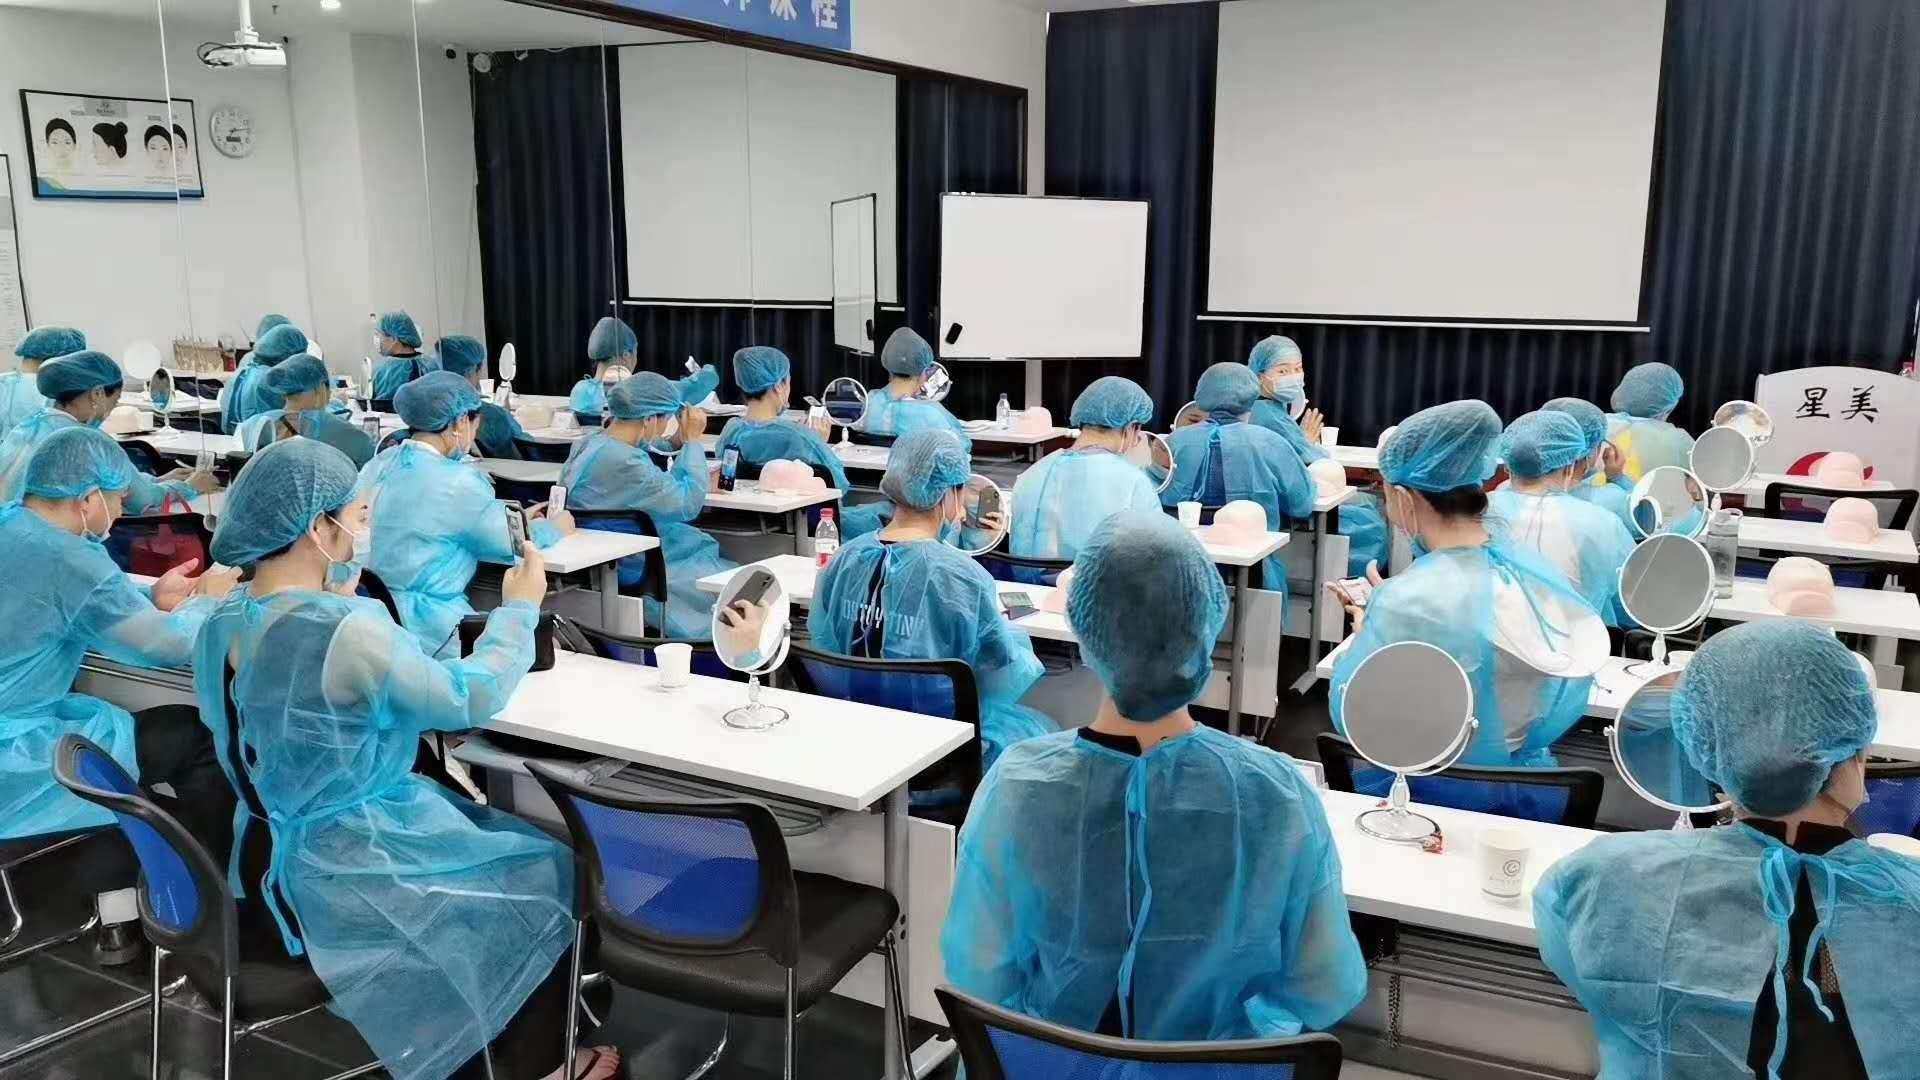 郑州星美教育